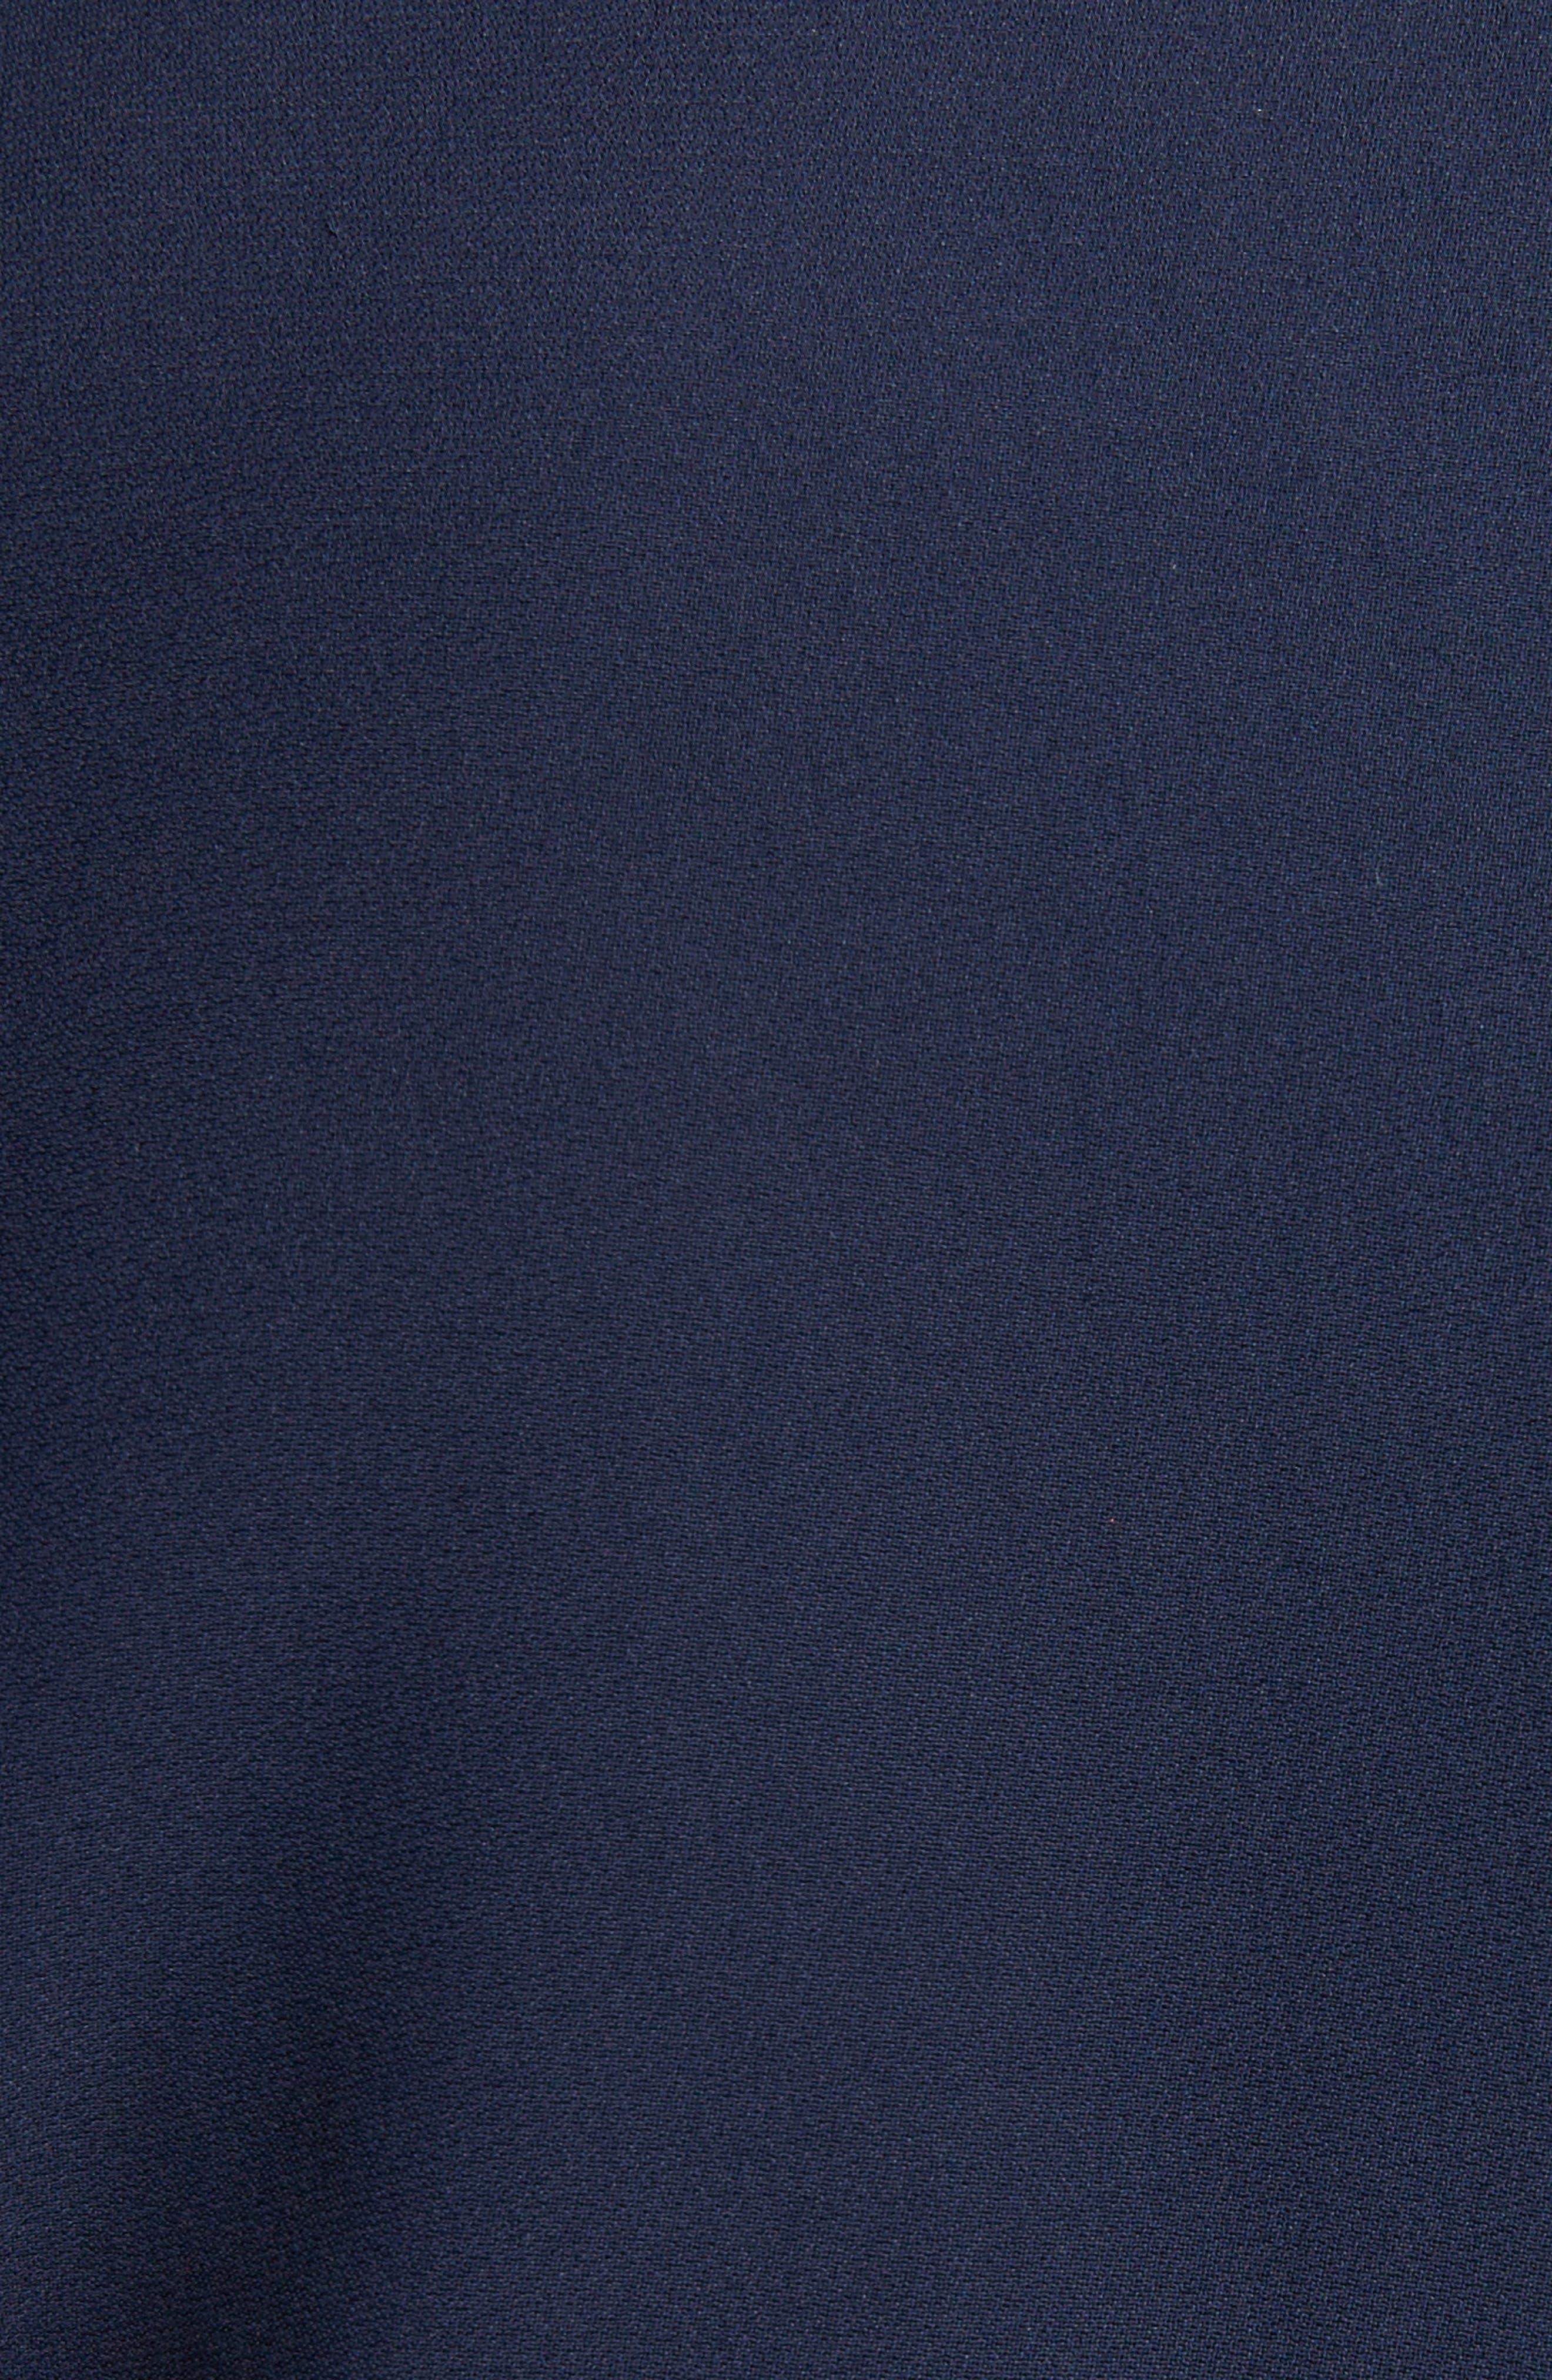 Leaf Crepe Fit & Flare Dress,                             Alternate thumbnail 5, color,                             403